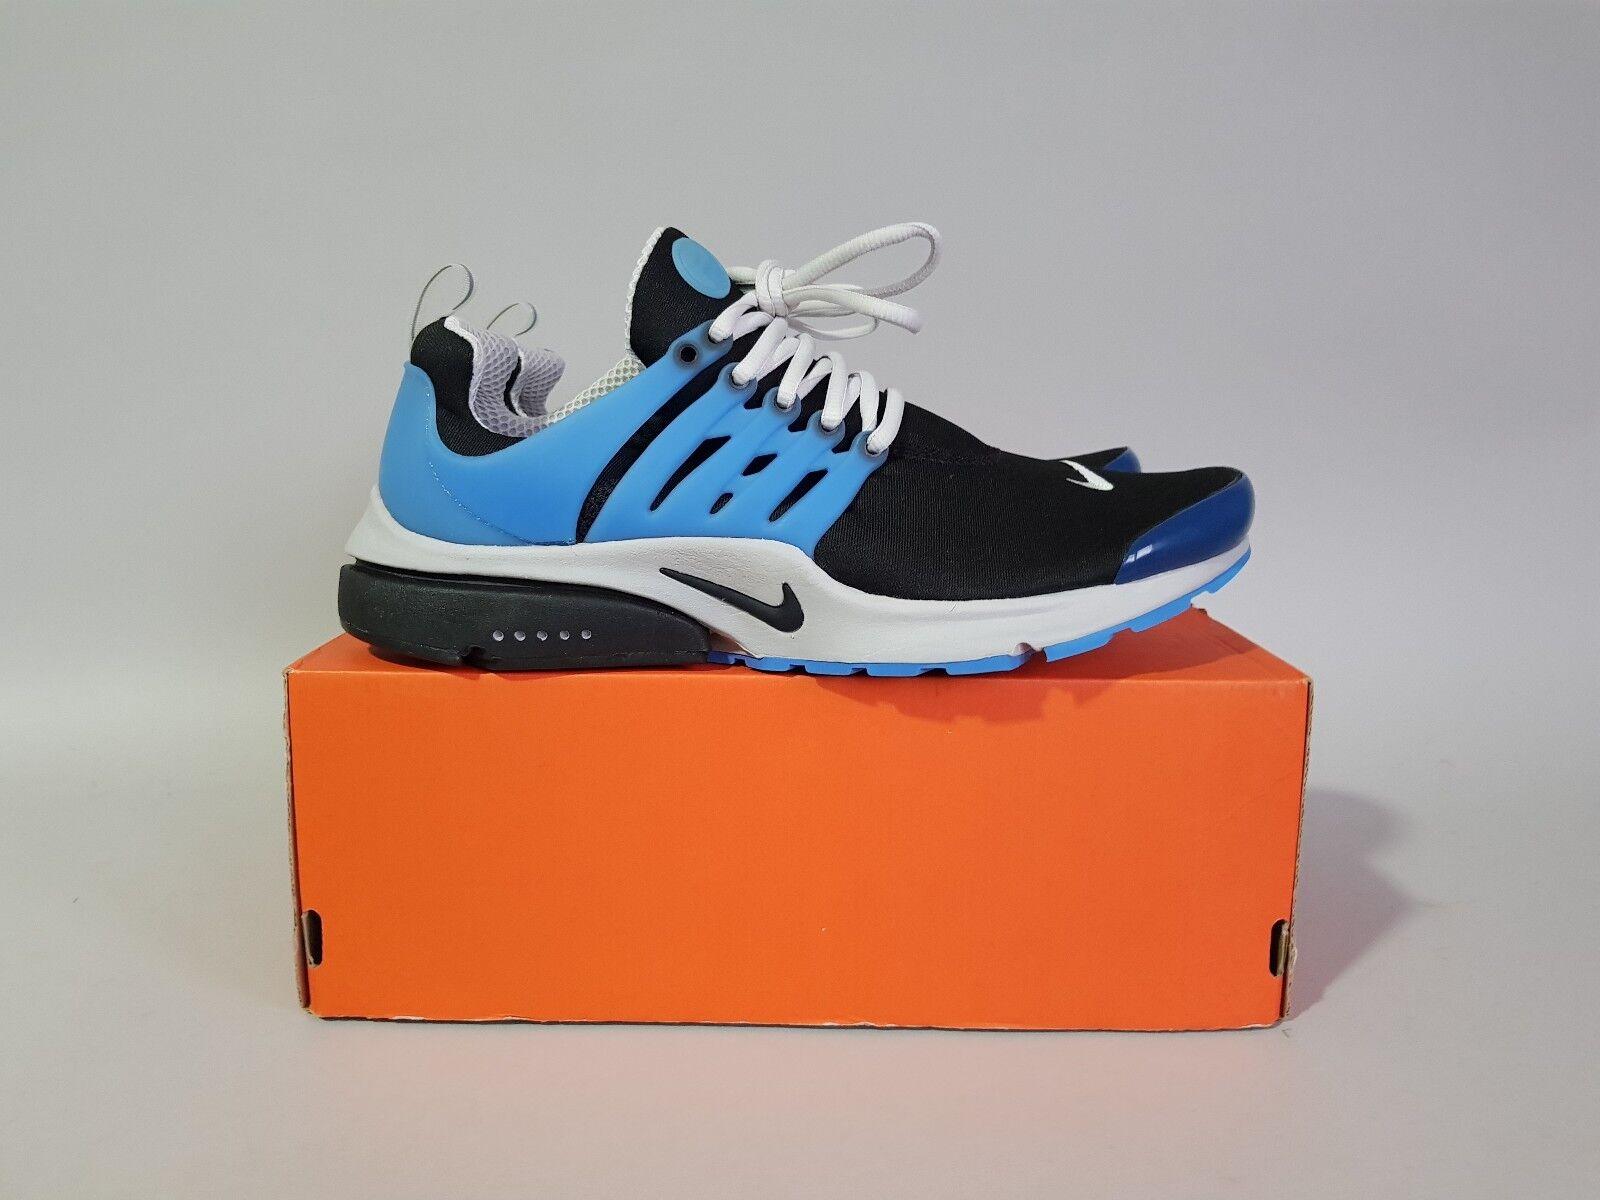 Nike air presto qs nero / zen grey / harbour blu ukxl / usxl / euxl 789870-005